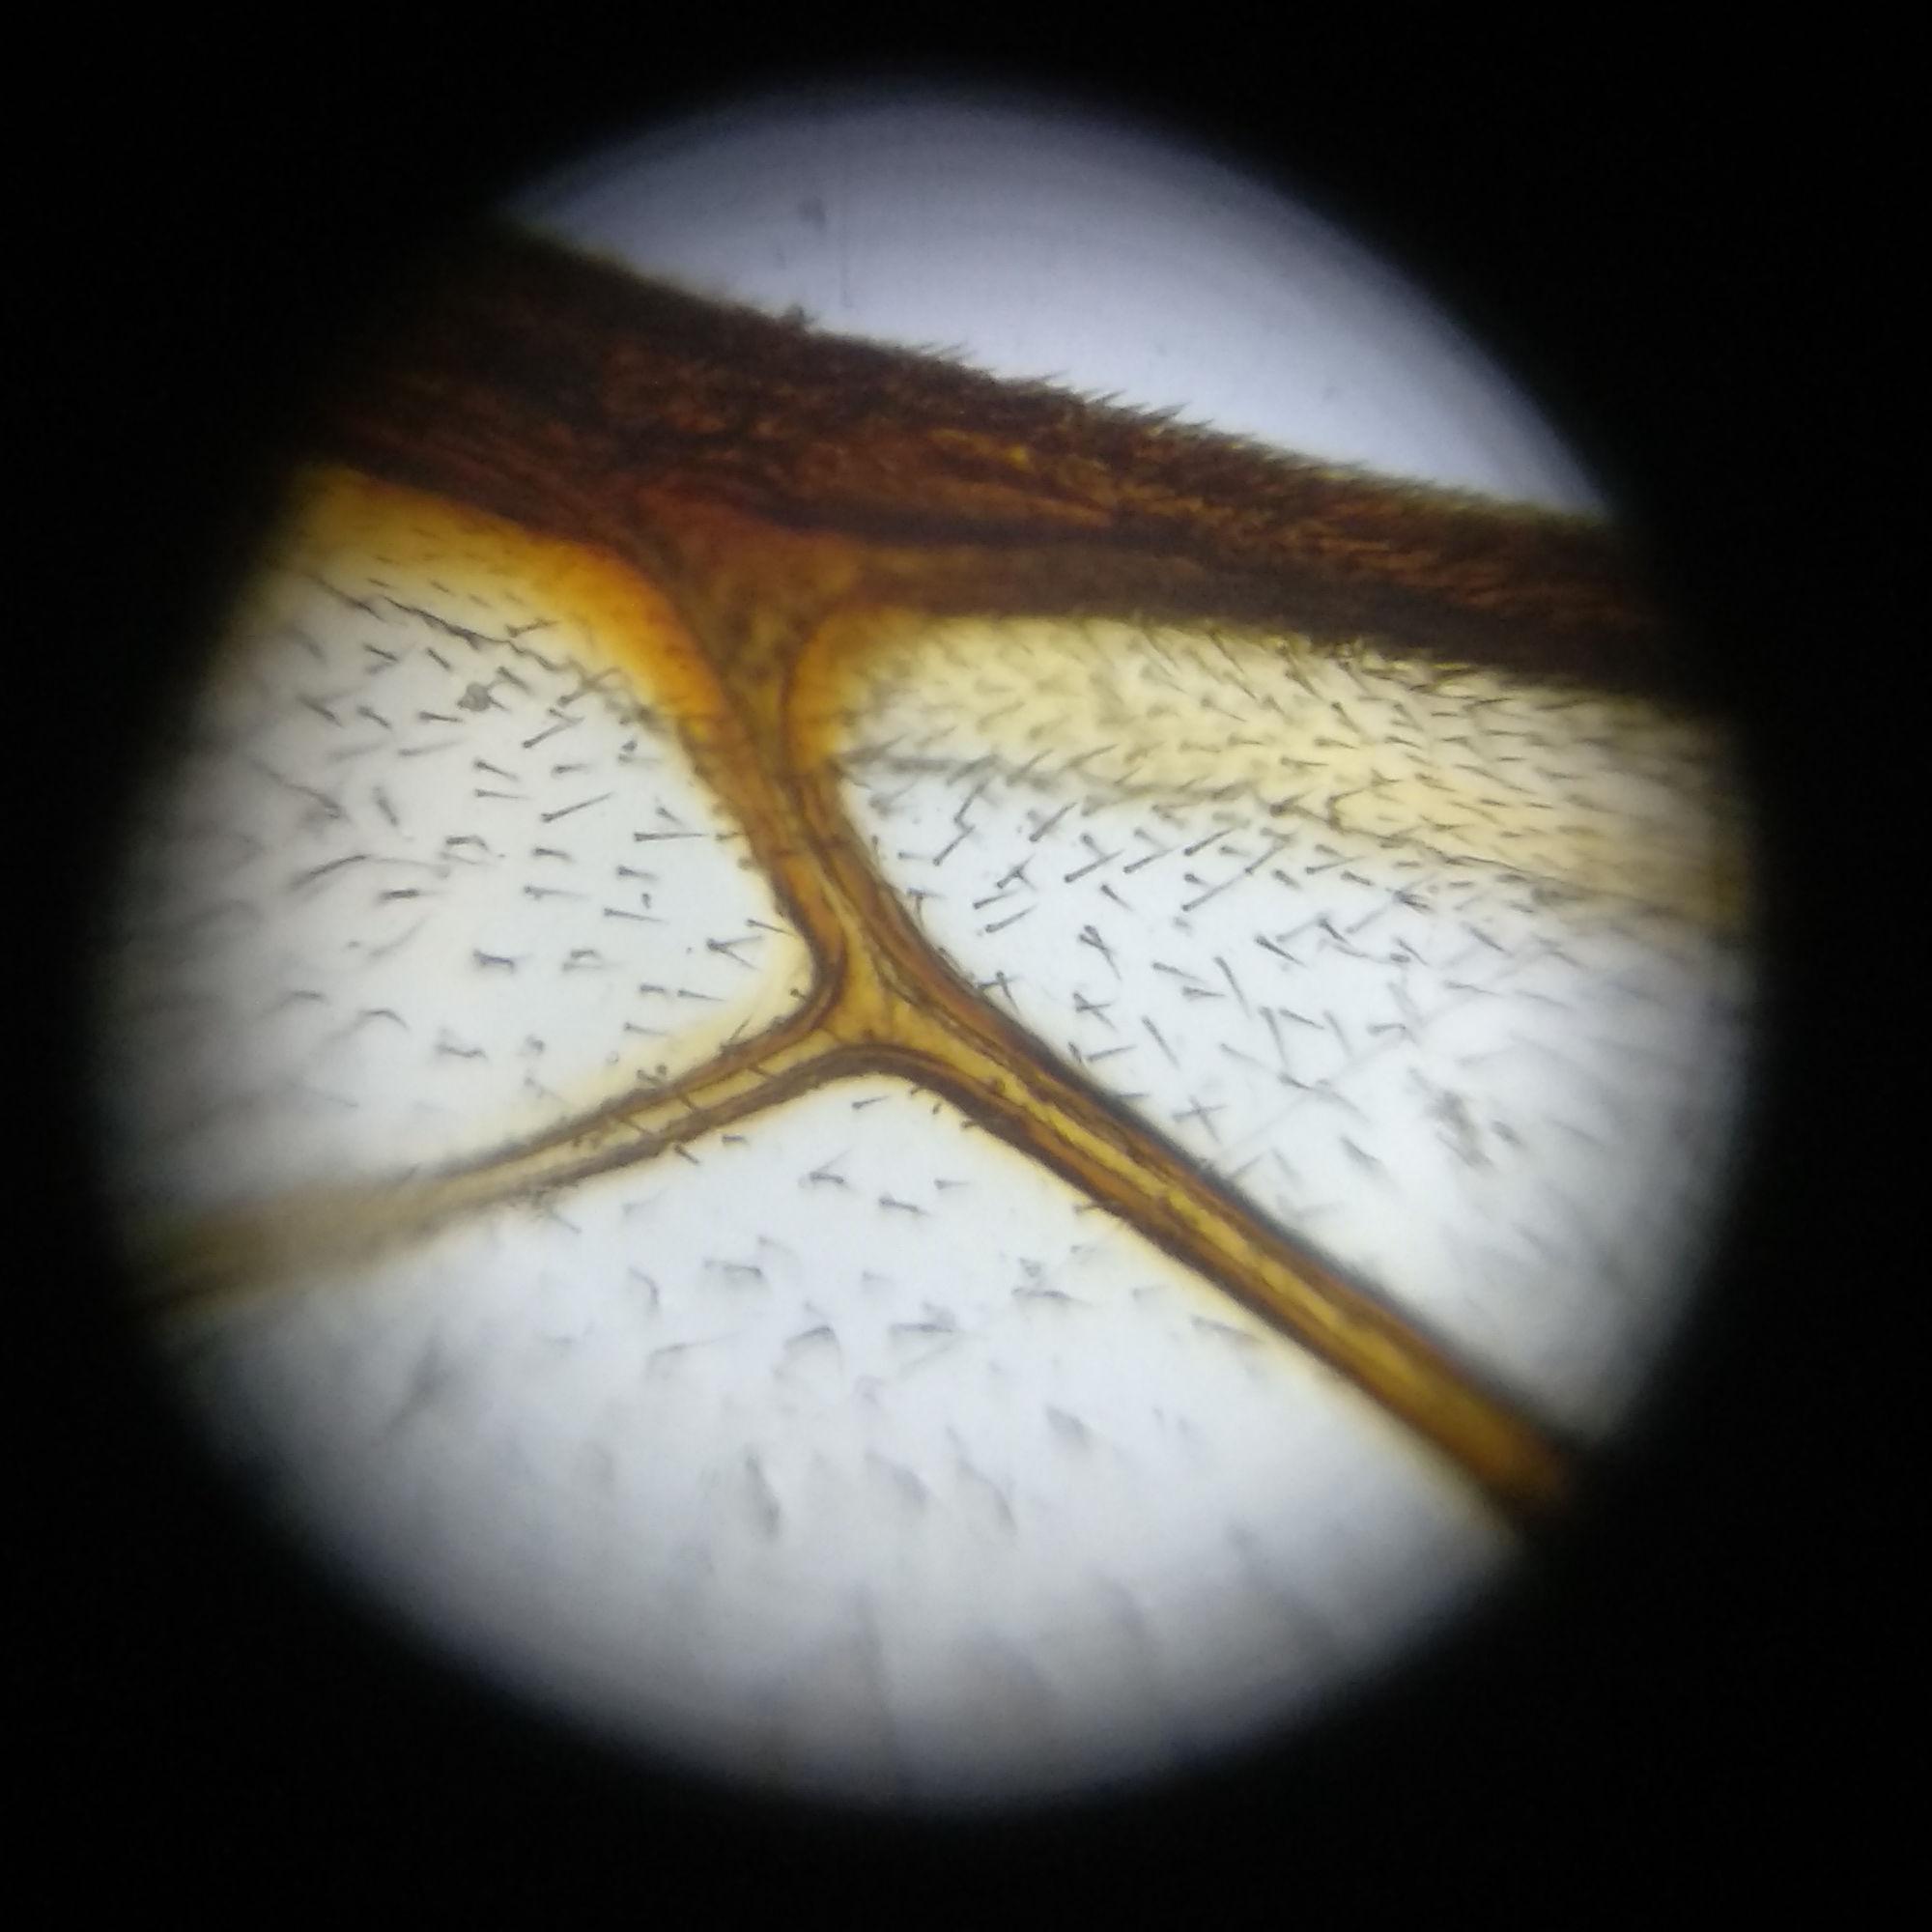 Haare auf einem Bienenflügel